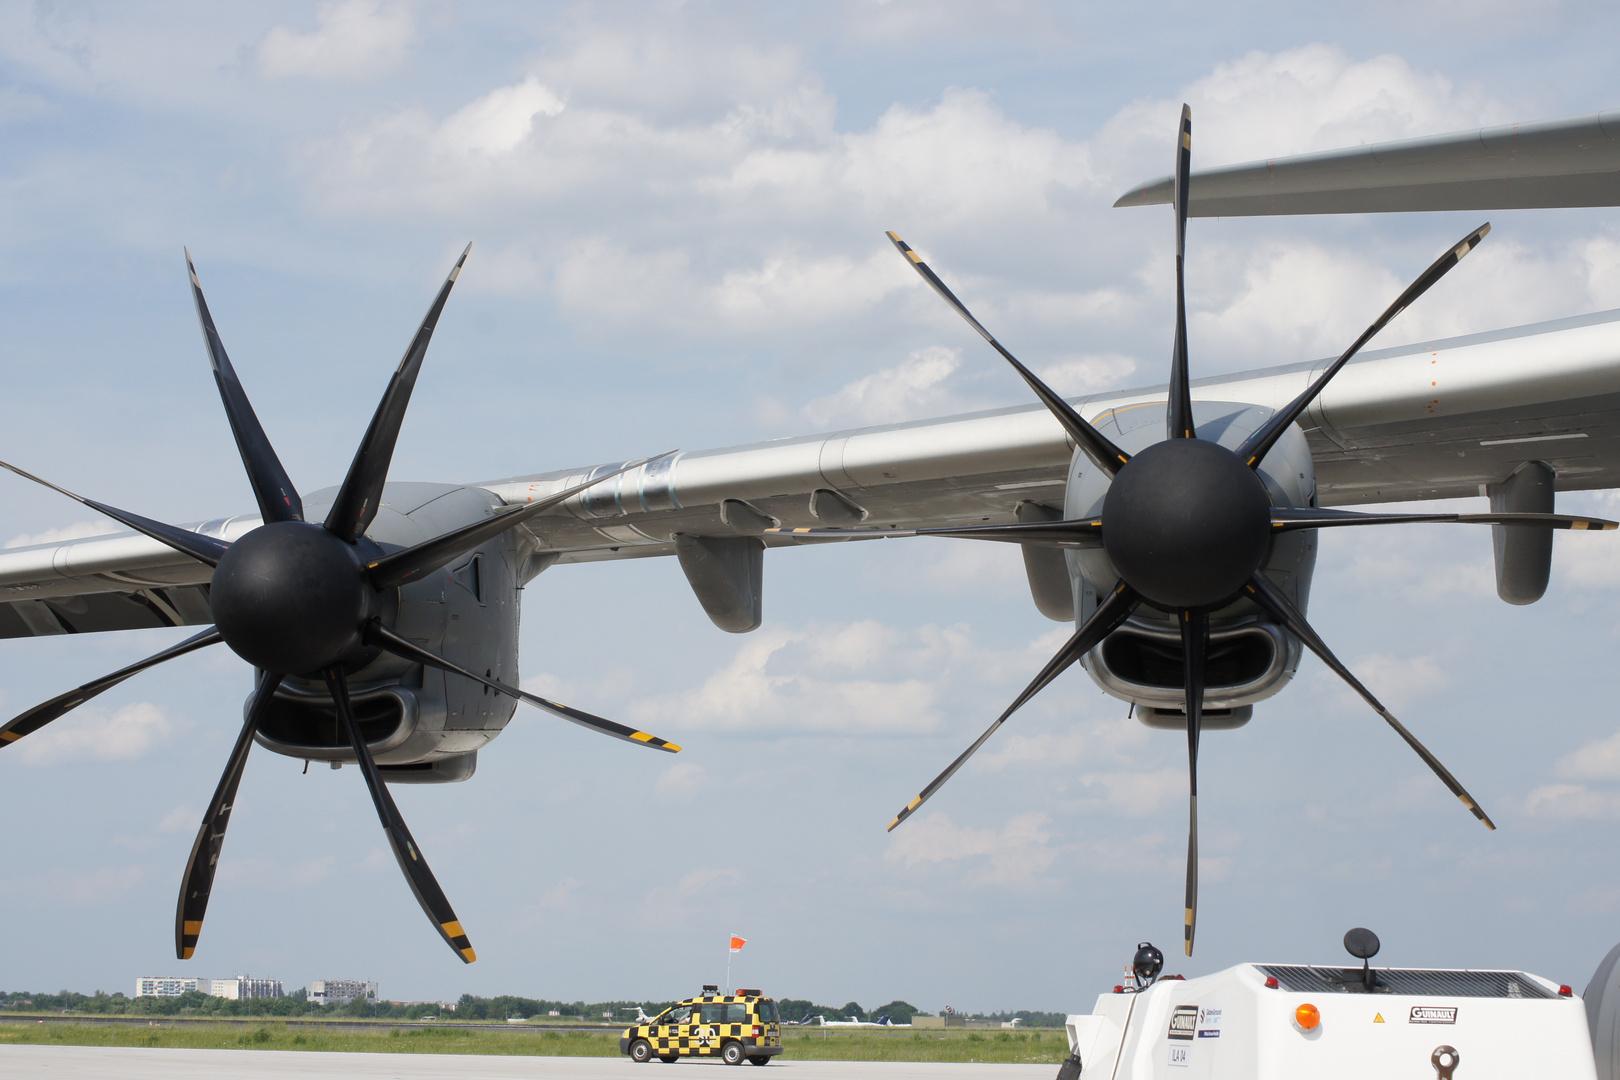 EPI TP400-D6 Triebwerke mit Ratier FH 386 Propellern